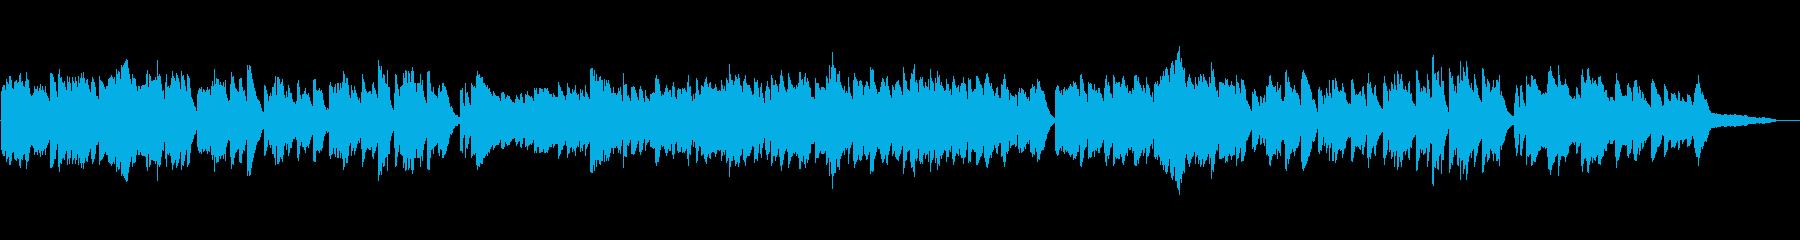 癒し系生演奏ピアノソロの再生済みの波形